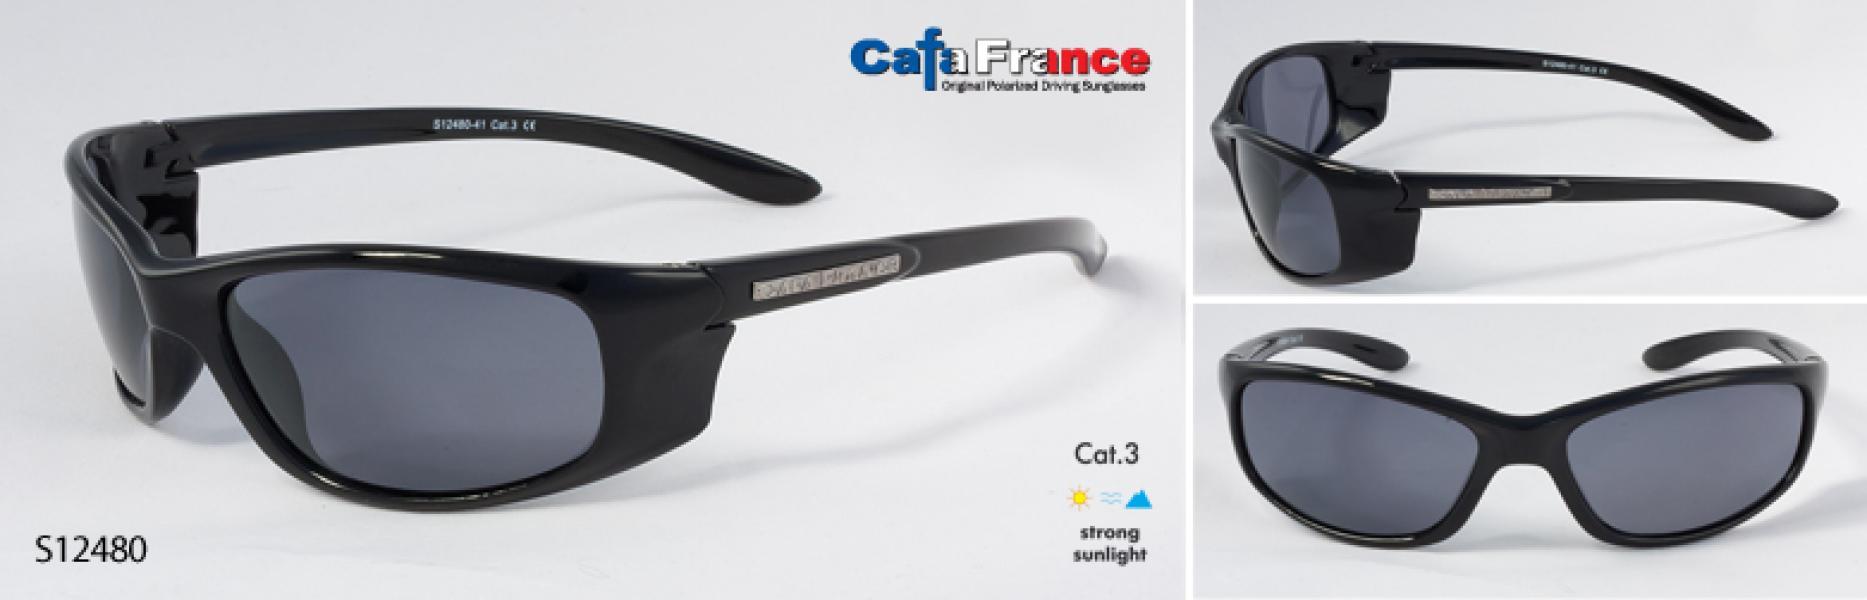 Очки поляризационные мужские Cafa France c12480